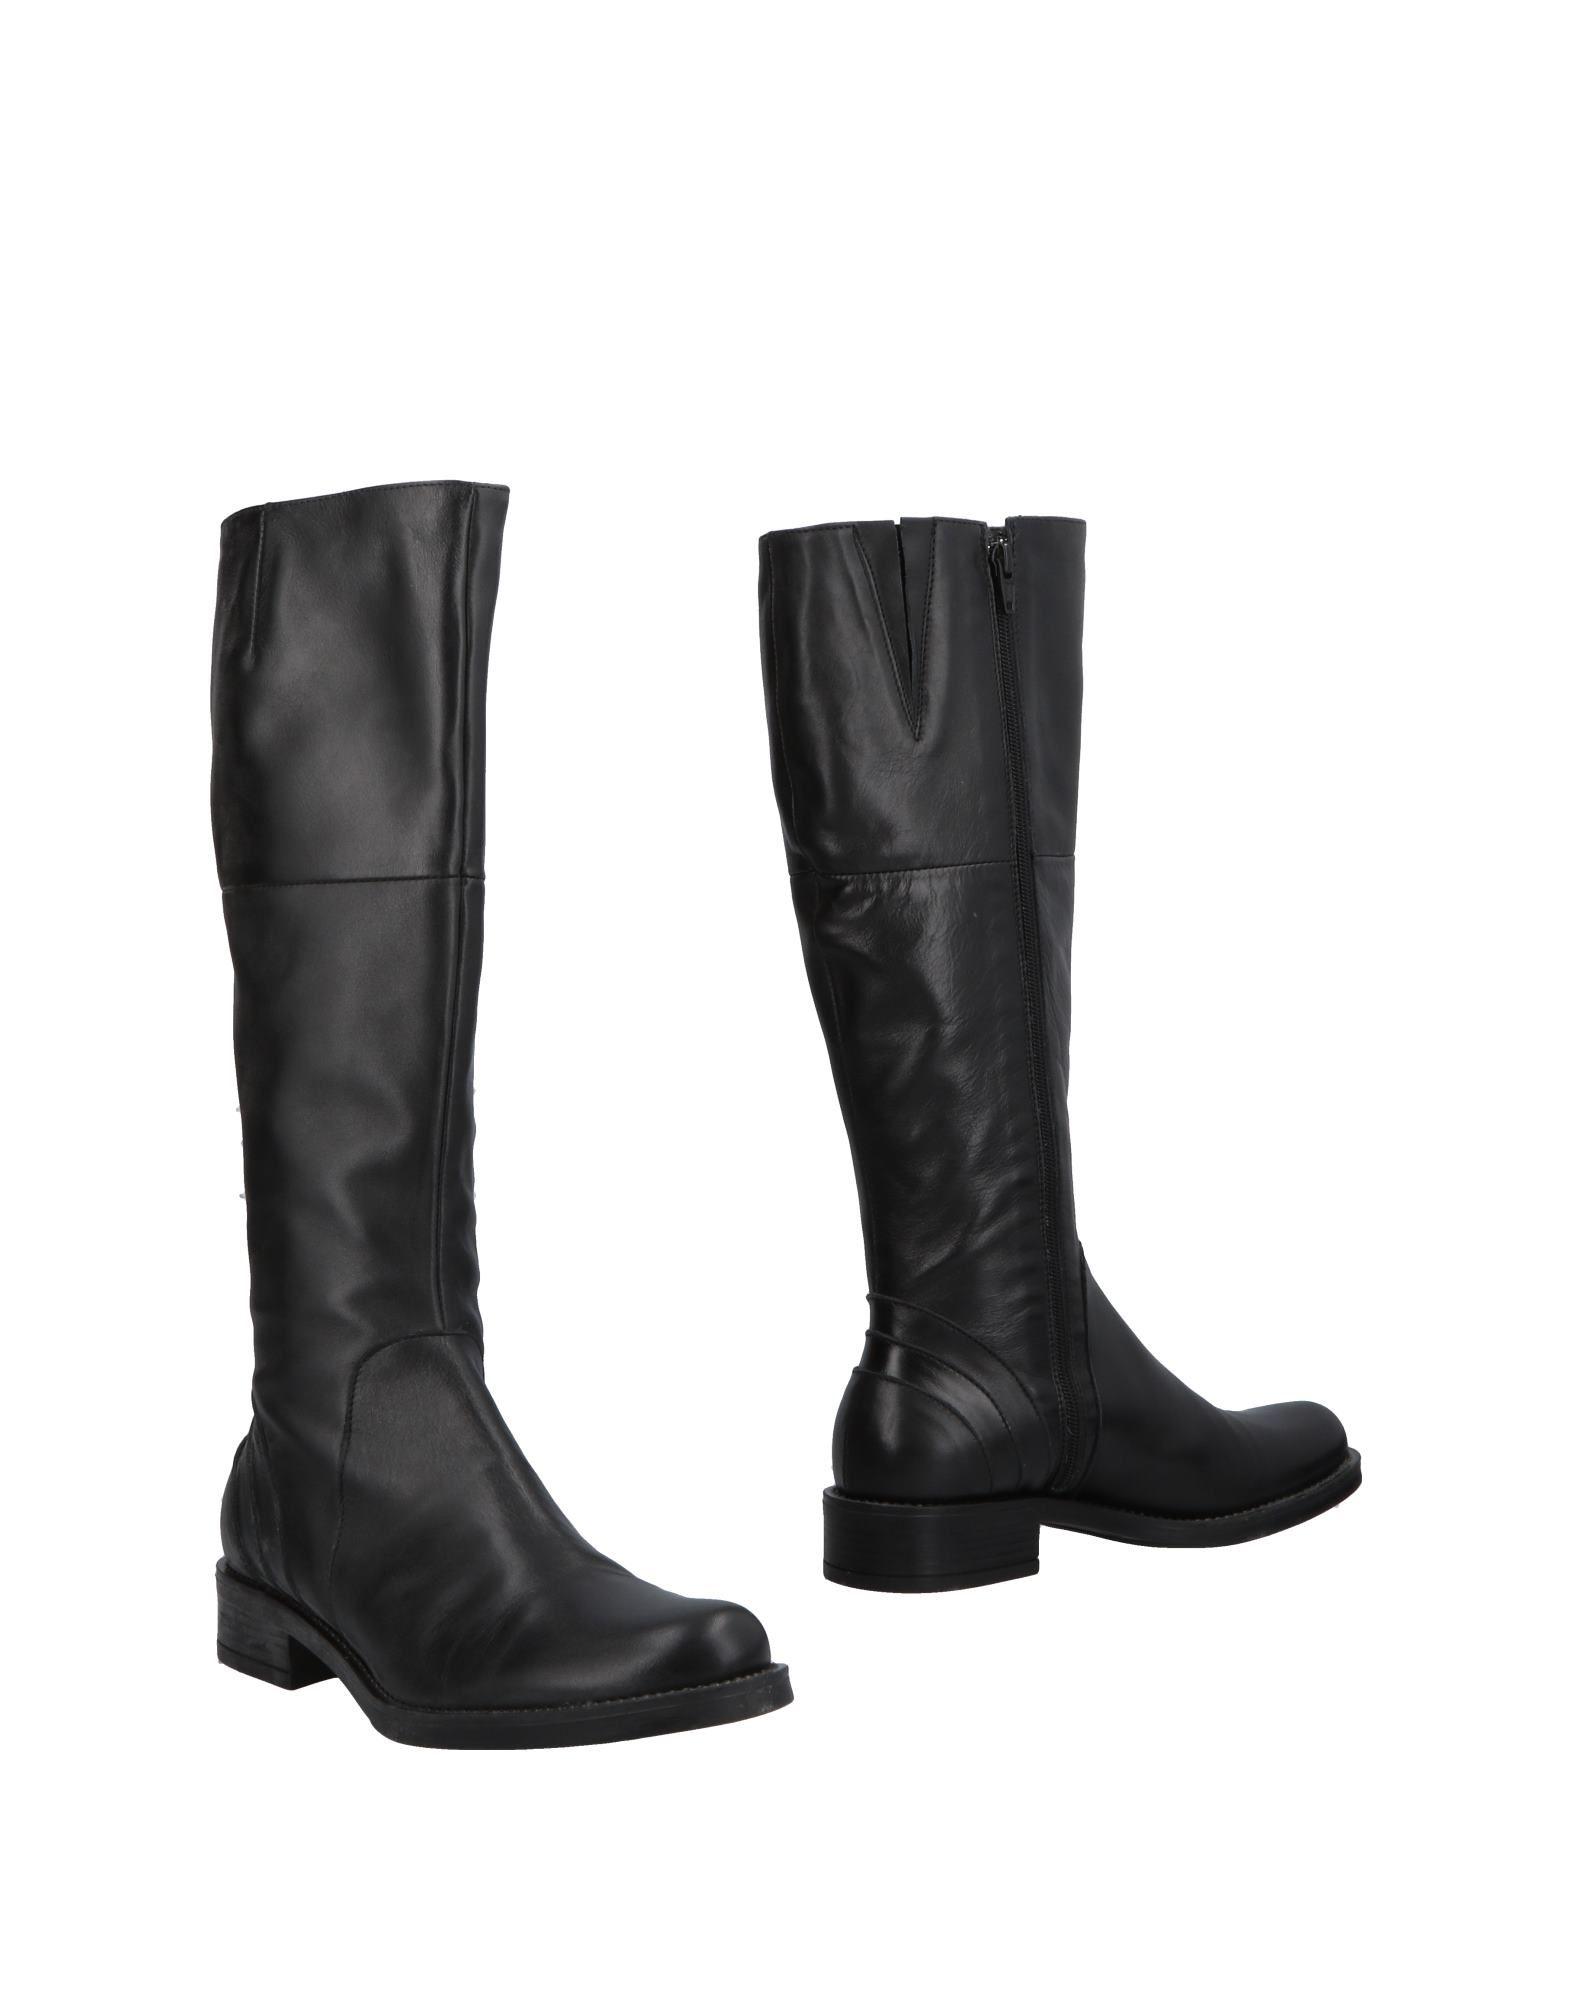 Donna Più Stiefel Damen  11507992AJ Gute Qualität beliebte Schuhe